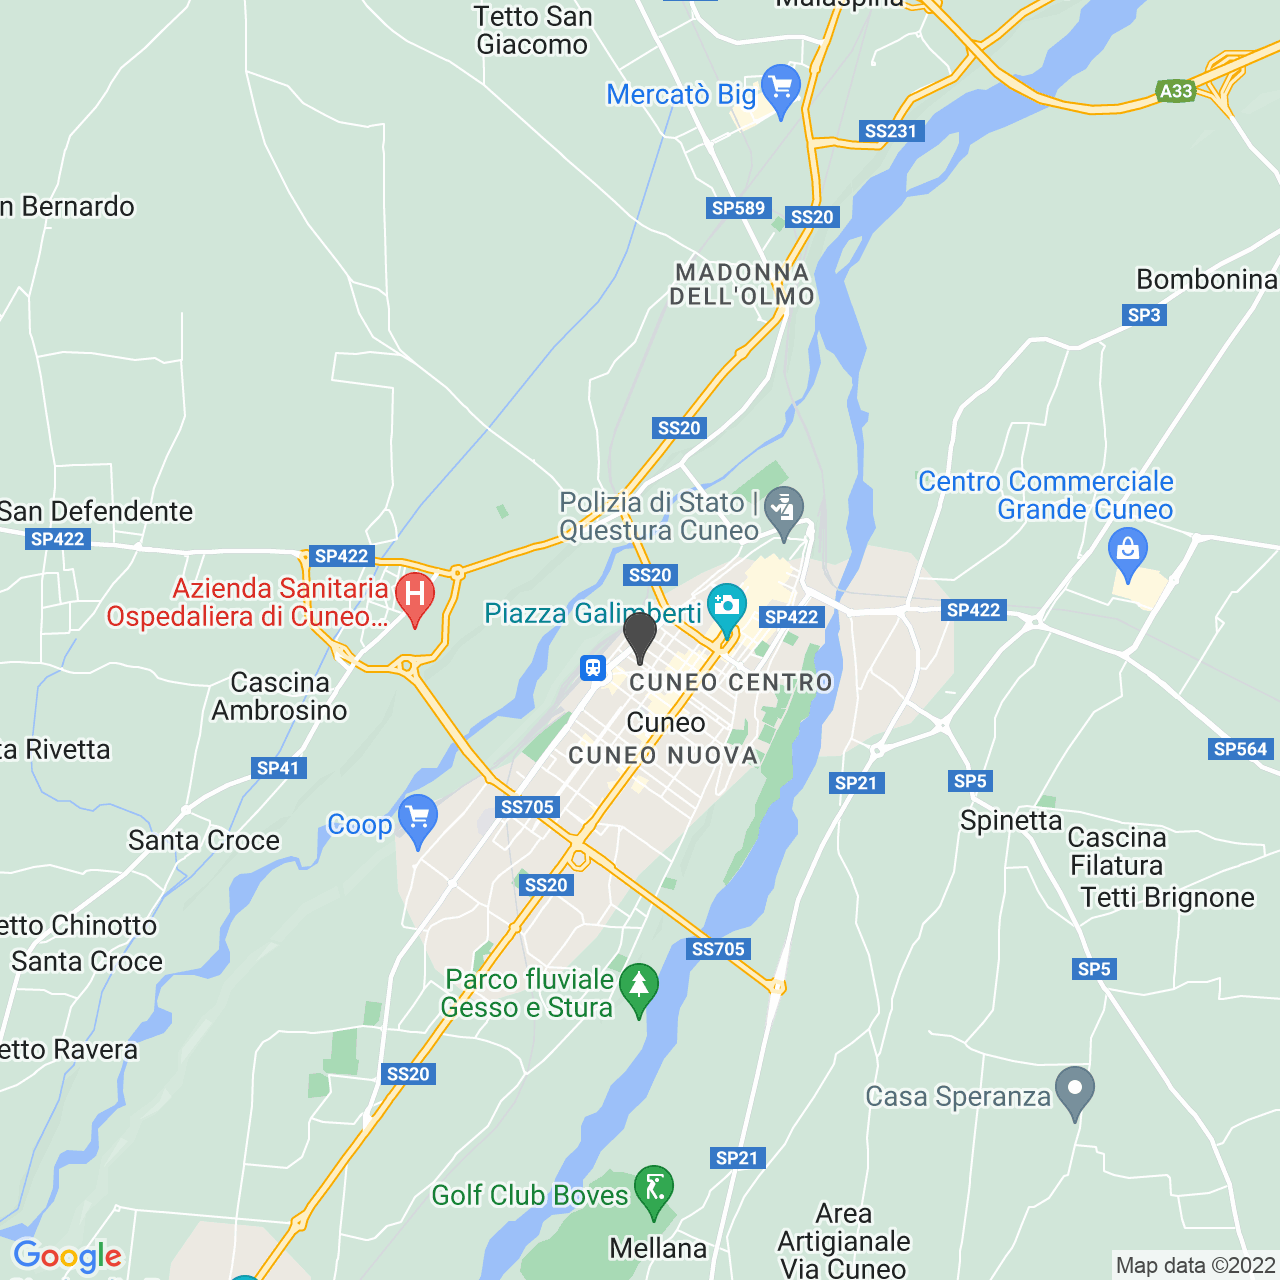 Circolo Evangelico di Cuneo